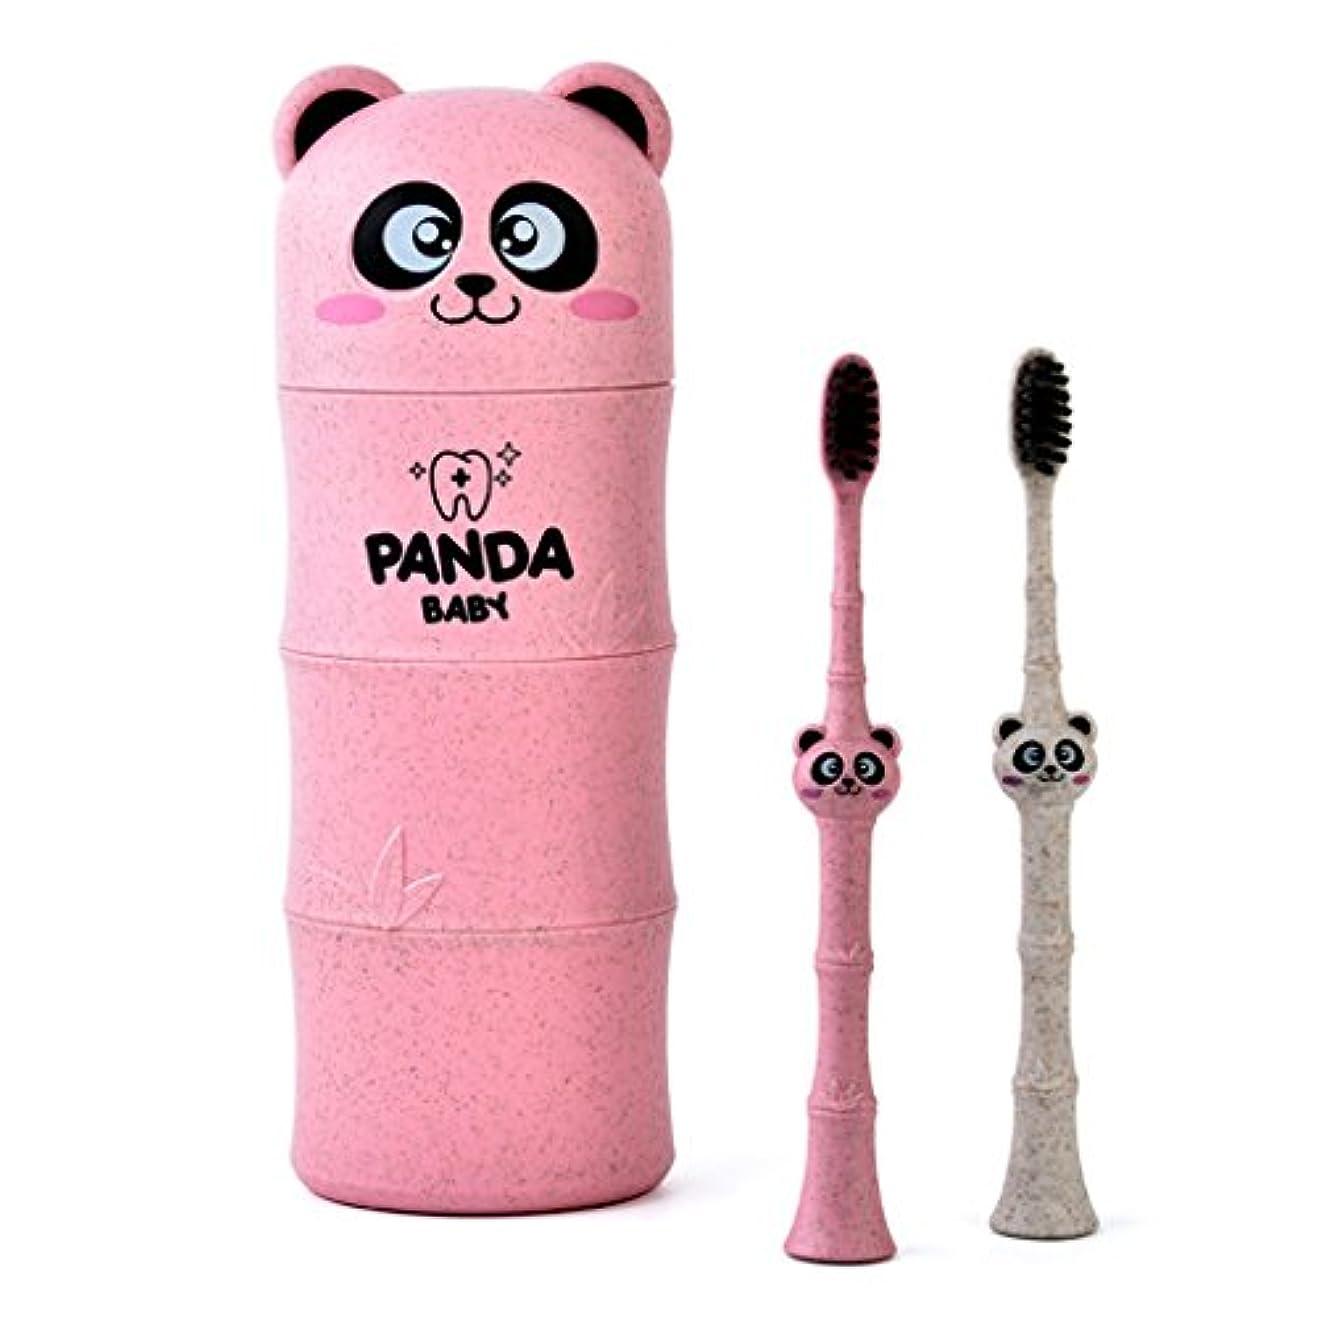 分配しますアンビエント霊Manyao 1セットベビー歯ブラシ小麦ストロー漫画パンダ幼児子供歯科口腔ケア (ピンク)